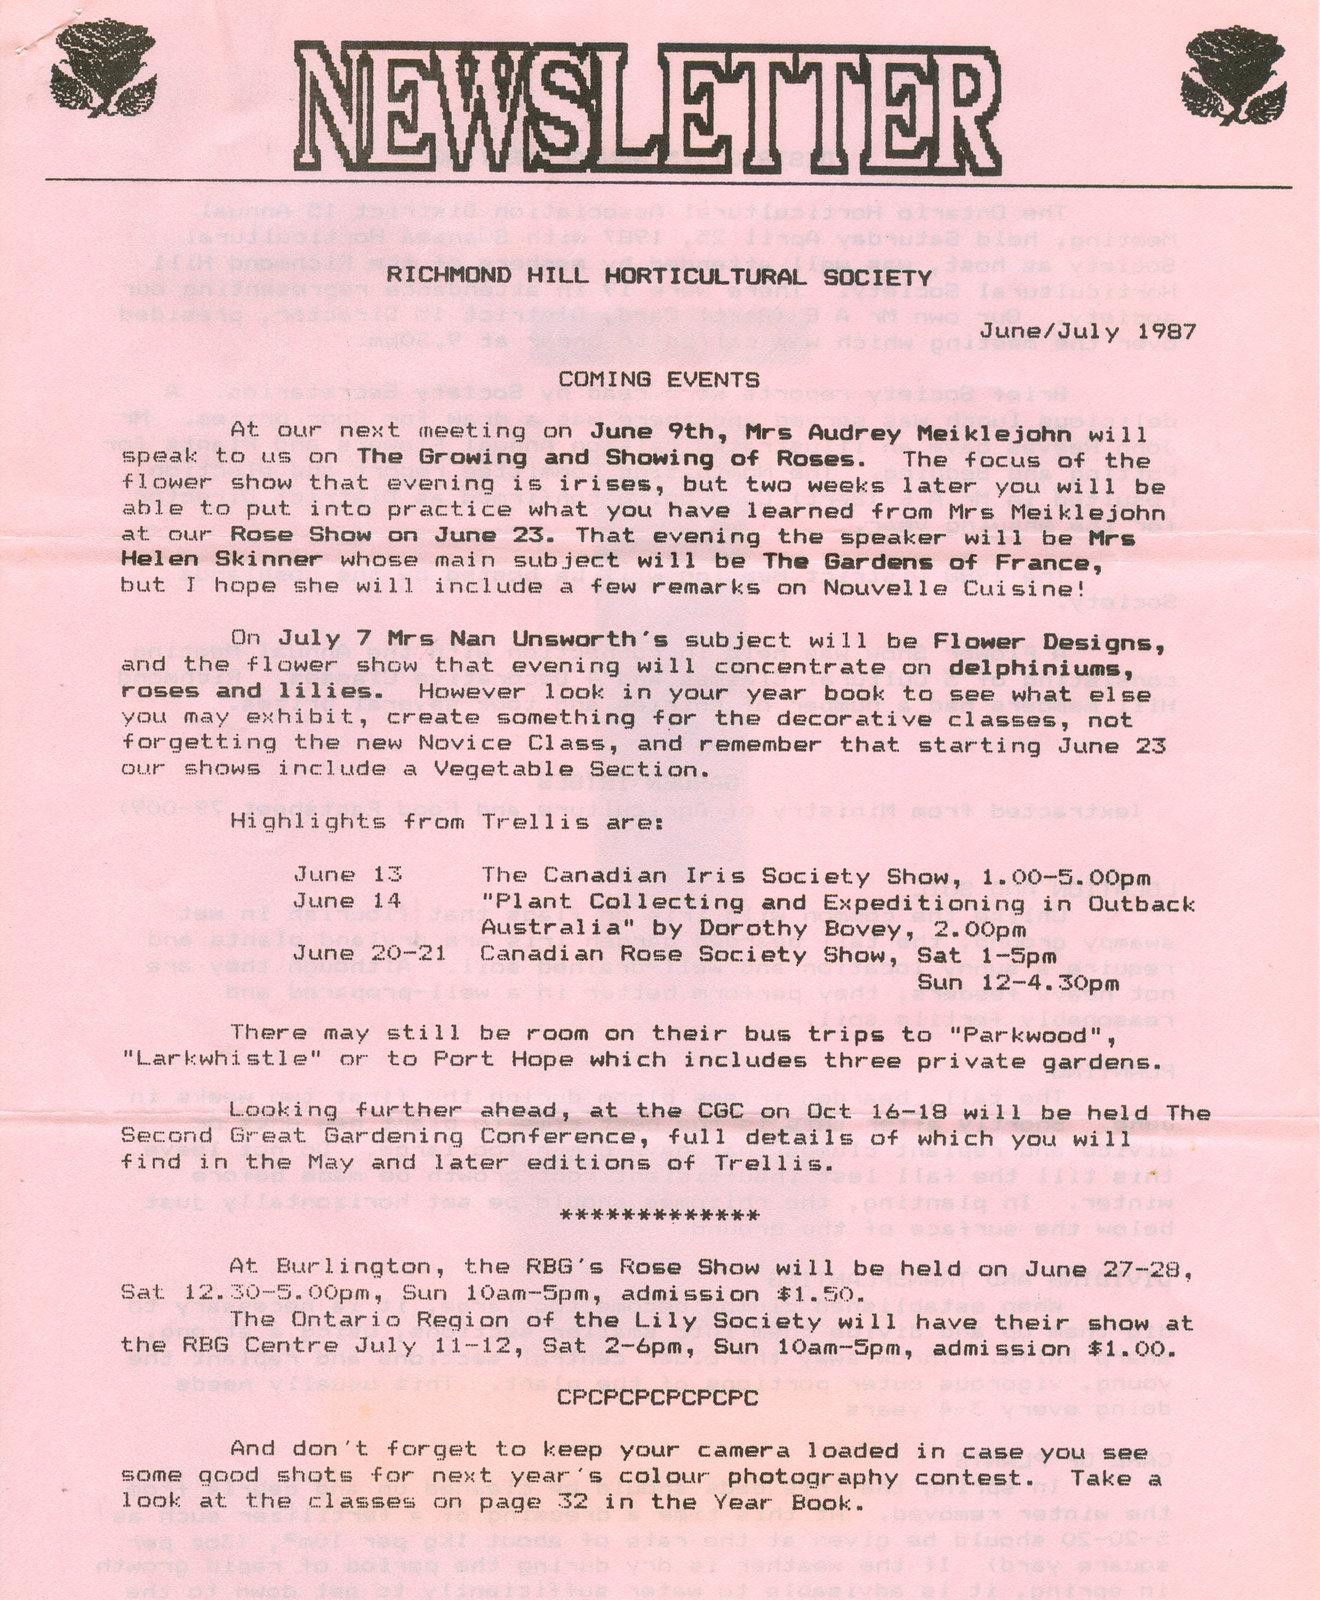 1987 June/July newsletter